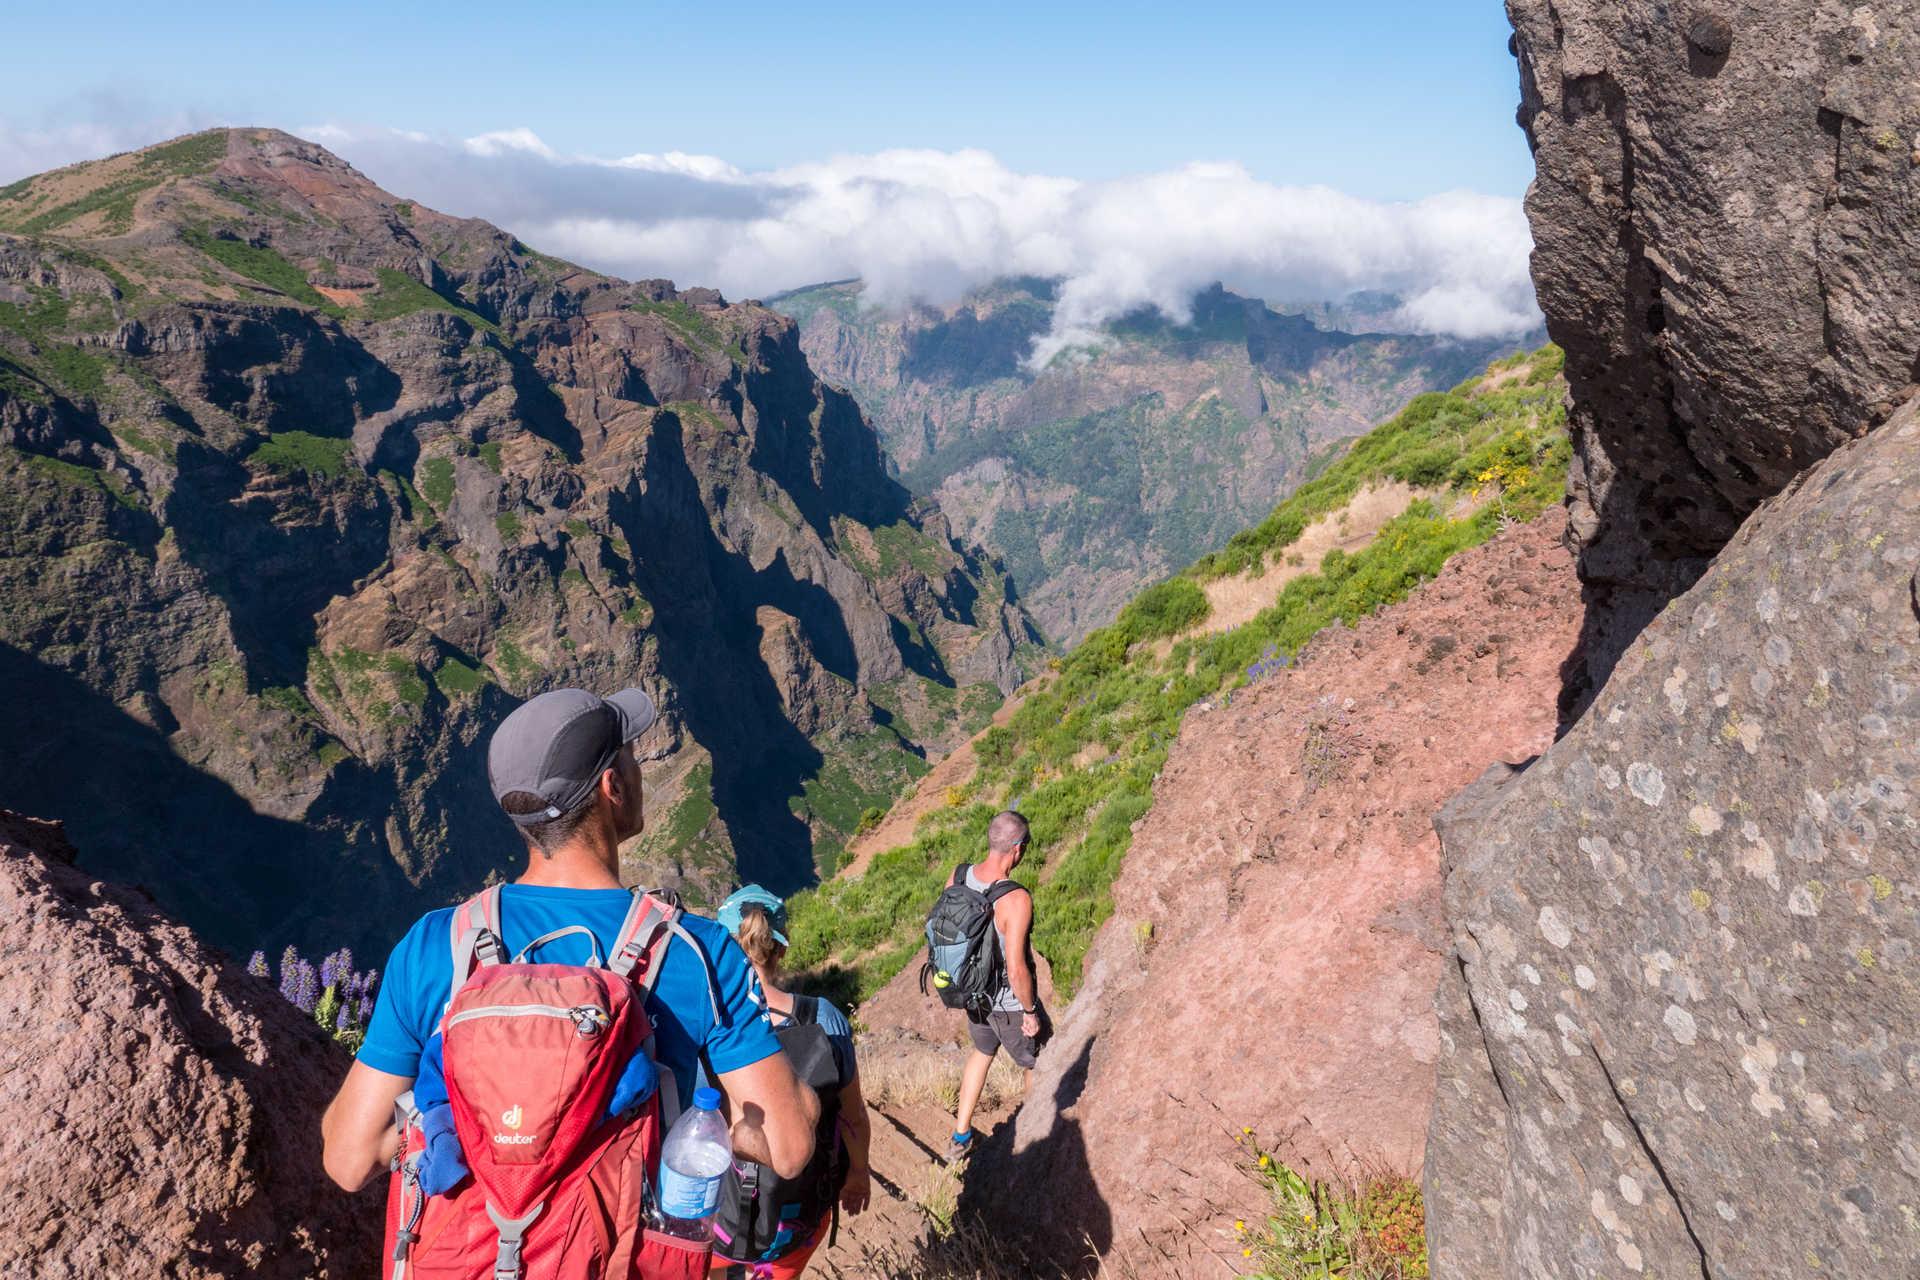 Randonneurs sur les chemins montagneux de Madère